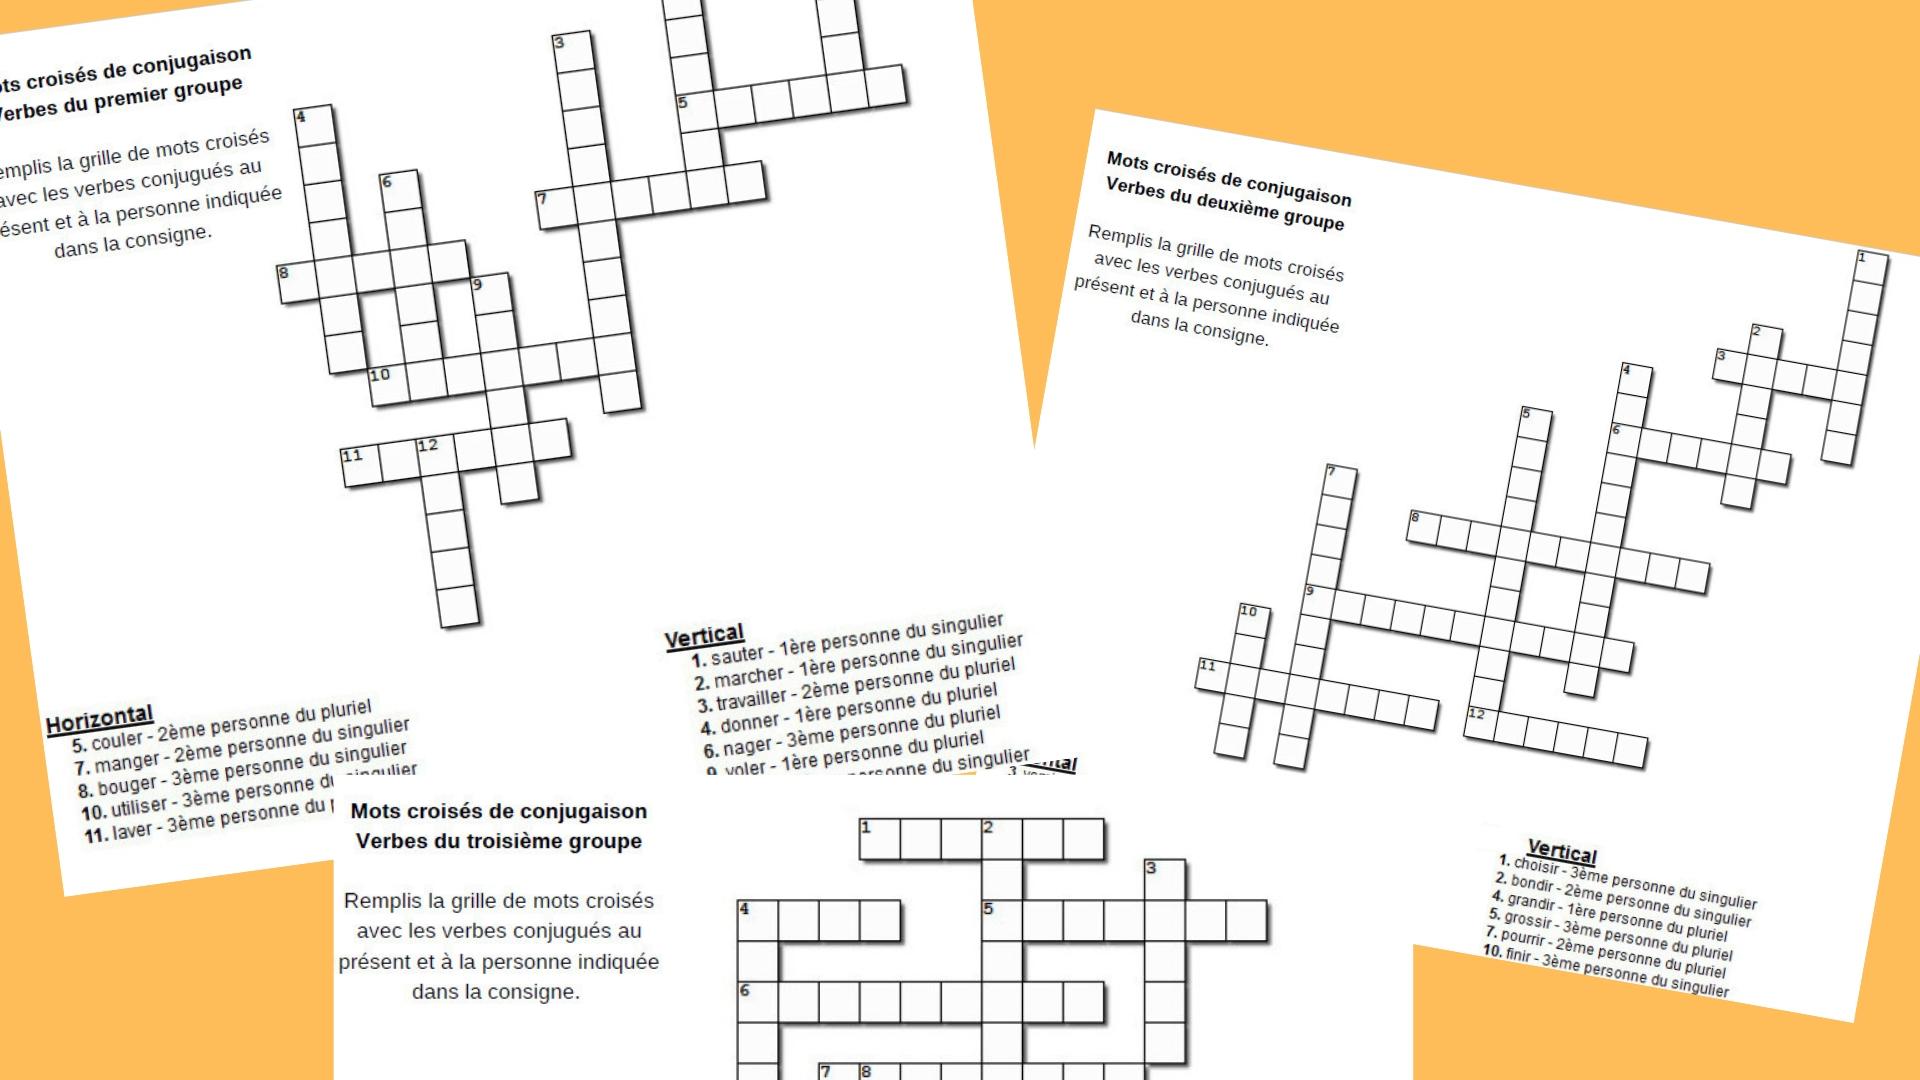 Mots Croises De Conjugaison Au Present Trois Groupes Apprendre Reviser Memoriser